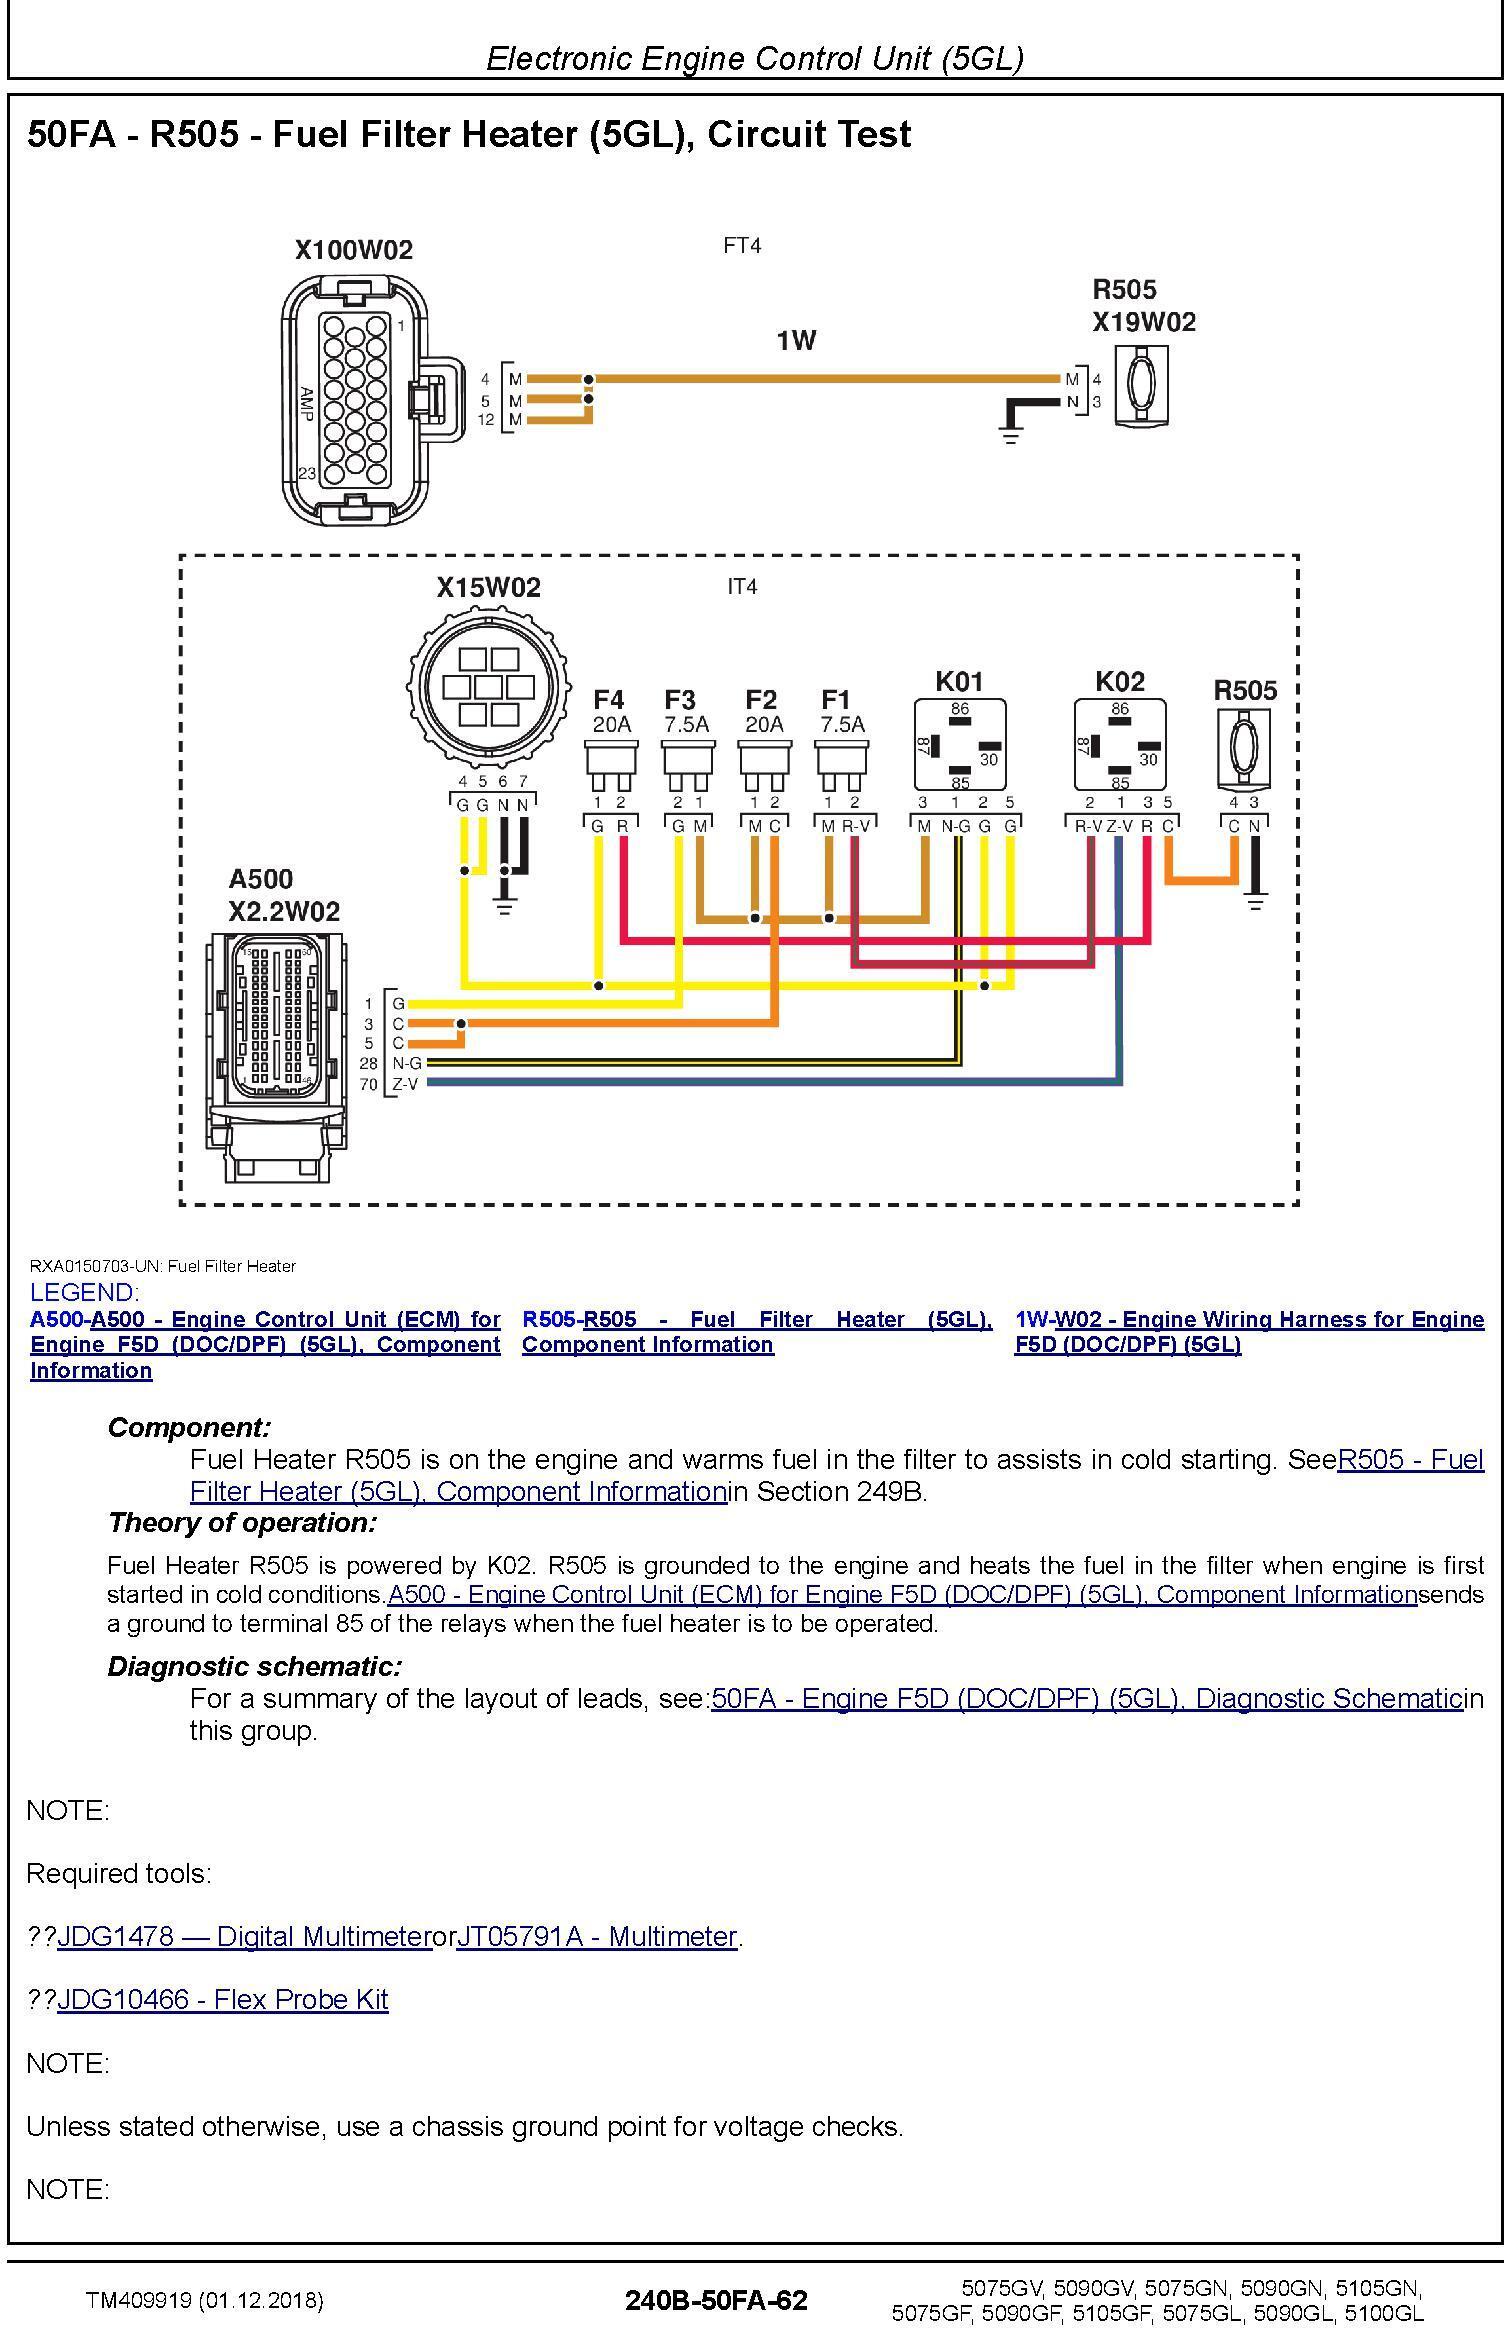 John Deere 5075GV/GN/GF/GL, 5090GV/GN/GF/GL, 5100GL, 5105GN/GF Tractors Diagnostic Manual (TM409919) - 1